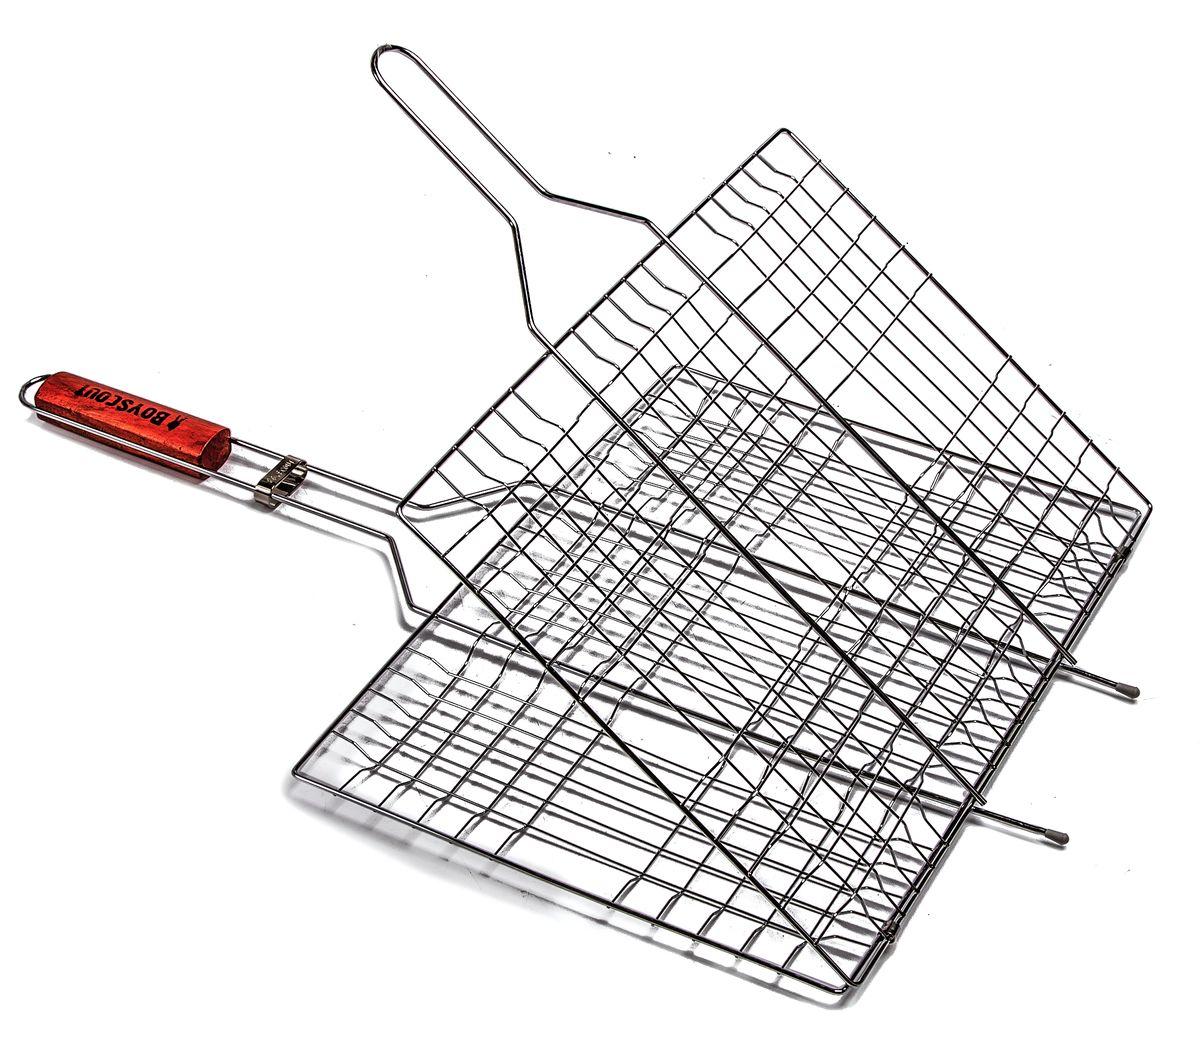 Решетка-гриль Boyscout, с антипригарным покрытием, 67 см х 40 см х 2,5 см + ПОДАРОК: Веер для розжига Boyscout115510Решетка-гриль Boyscout предназначена для приготовления пищи на открытом воздухе. Изготовлена из высококачественной стали с антипригарным покрытием. Решетка имеет деревянную вставку на ручке, предохраняющую руки от ожогов и позволяющую без труда перевернуть решетку. Надежное кольцо-фиксатор гарантирует, что решетка не откроется, и продукты не выпадут.Приготовление вкусных блюд из рыбы, мяса или птицы на пикнике становится еще более быстрым и удобным с использованием решетки-гриль. К решетке прилагается подарок - веер для розжига, выполненный из плотного картона.Размер рабочей поверхности: 40 см х 30 см х 2,5 смДлина ручки: 32 смРазмер веера: 21 см х 15 см х 0,5 см.